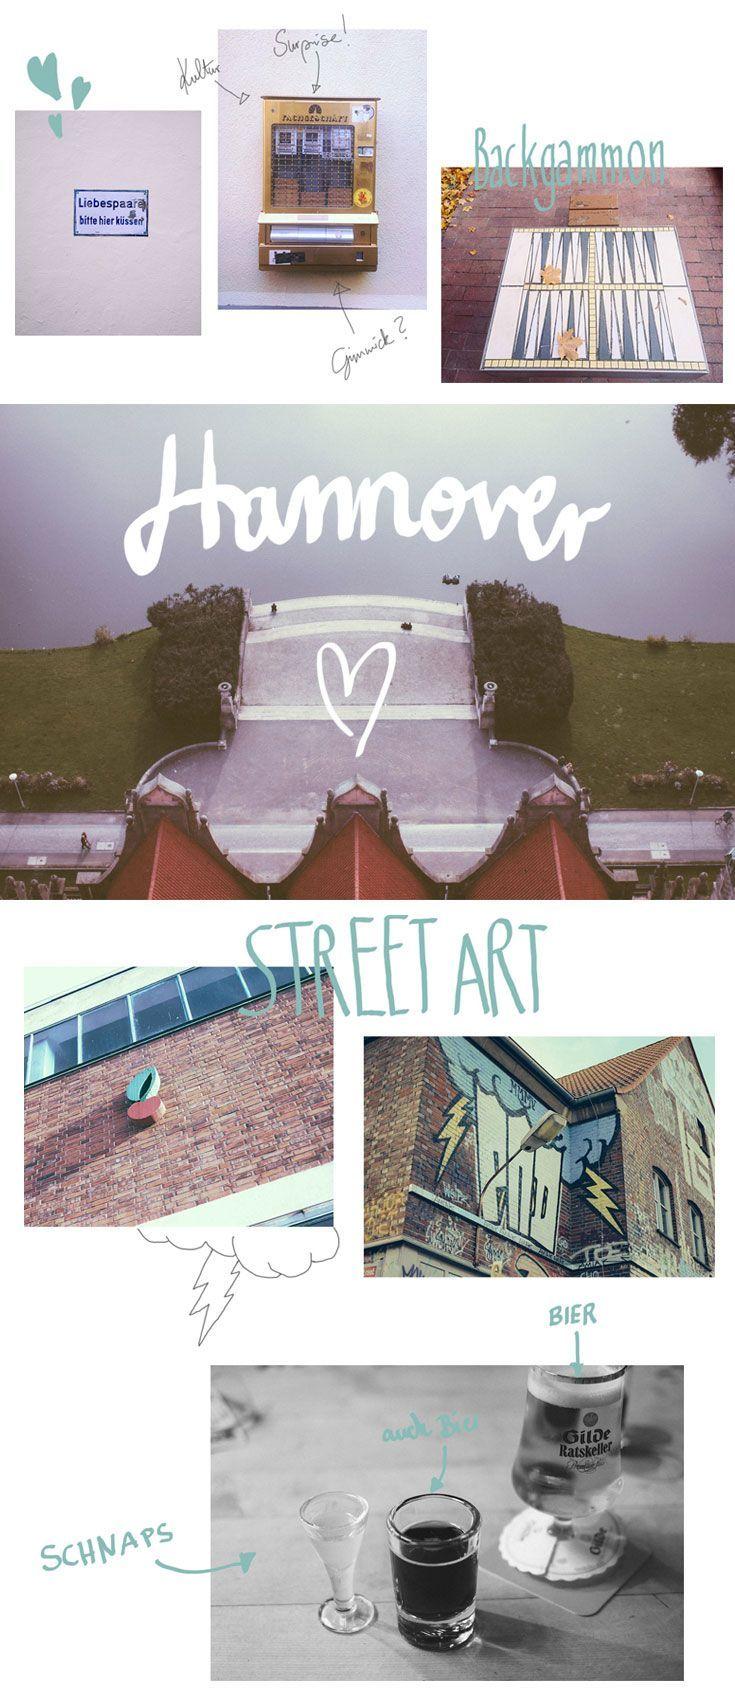 Spectacular Hannover ist cooler als man denkt Street Art Flohm rkte Vintage Shops Architektur